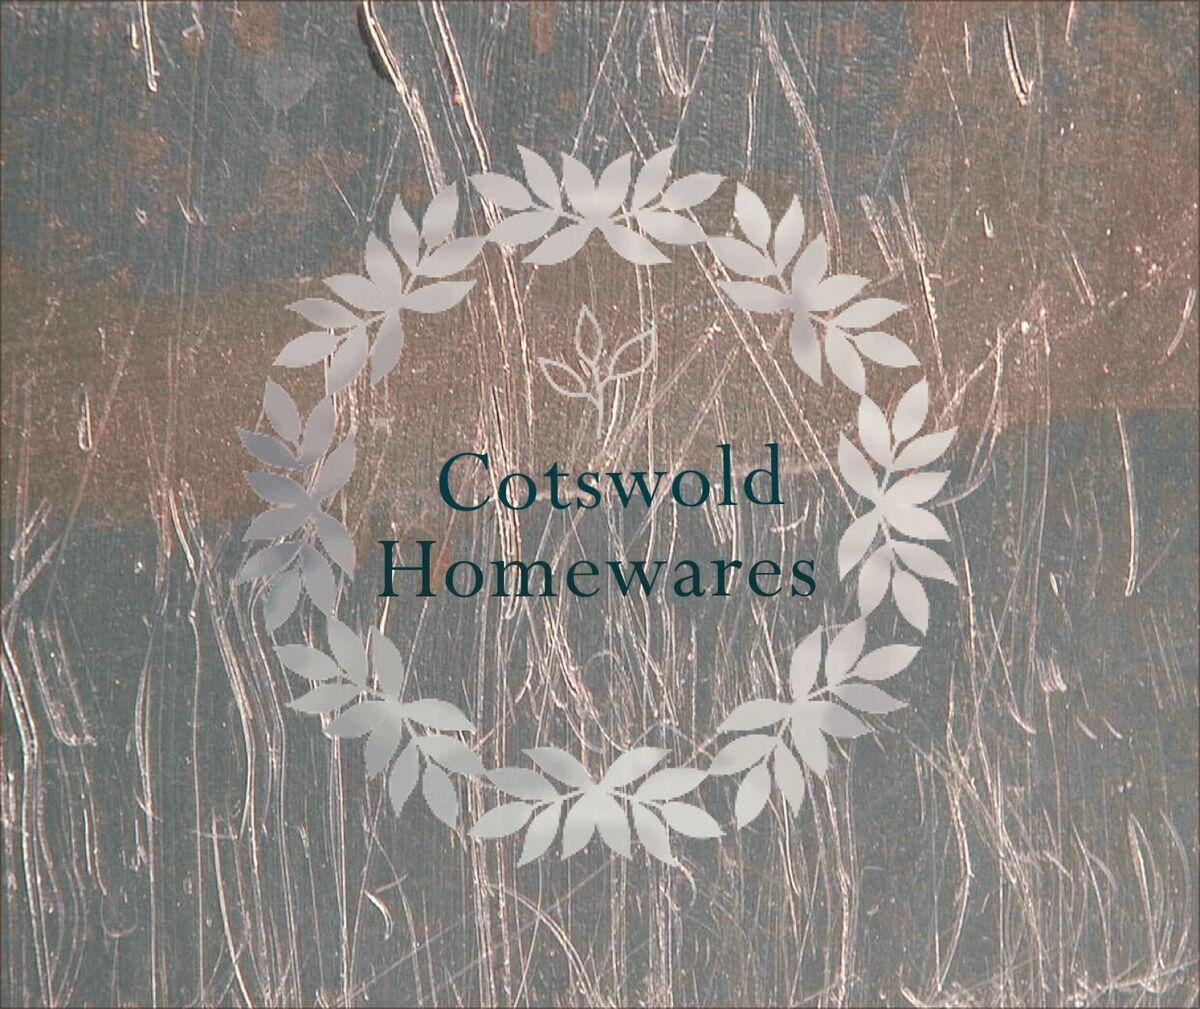 cotswoldhomewares